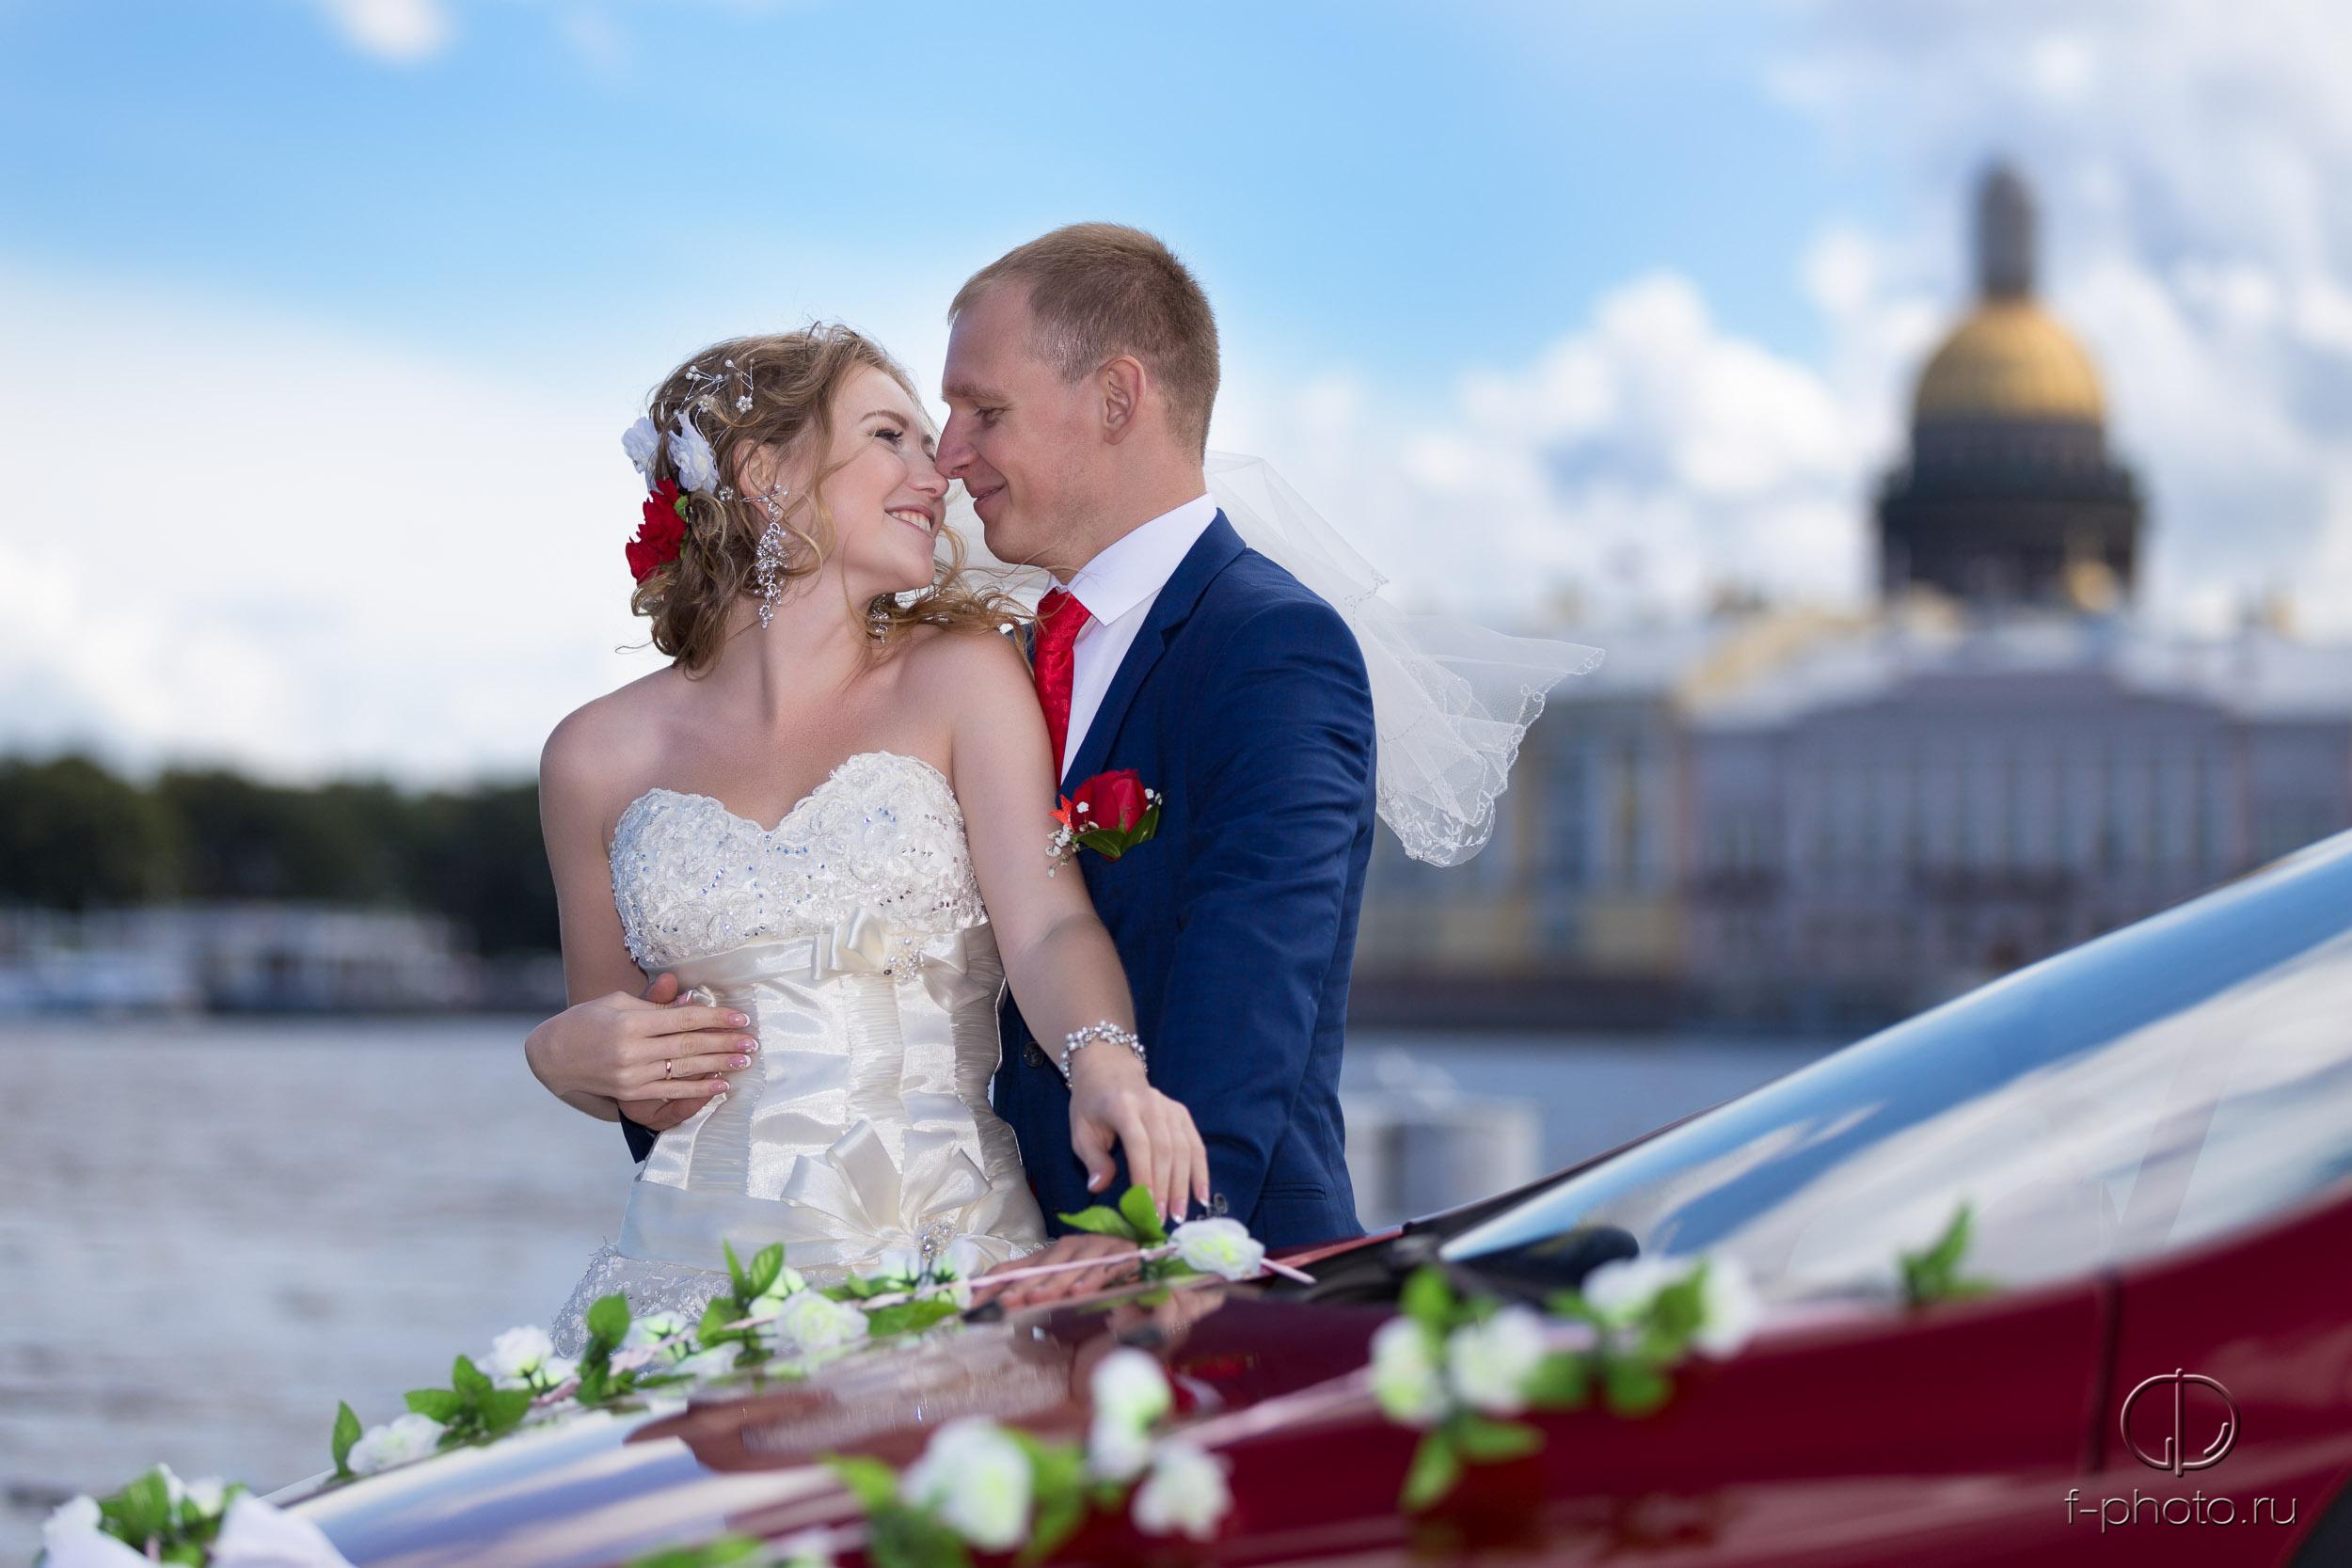 Лучшие свадебные фотографии СПб